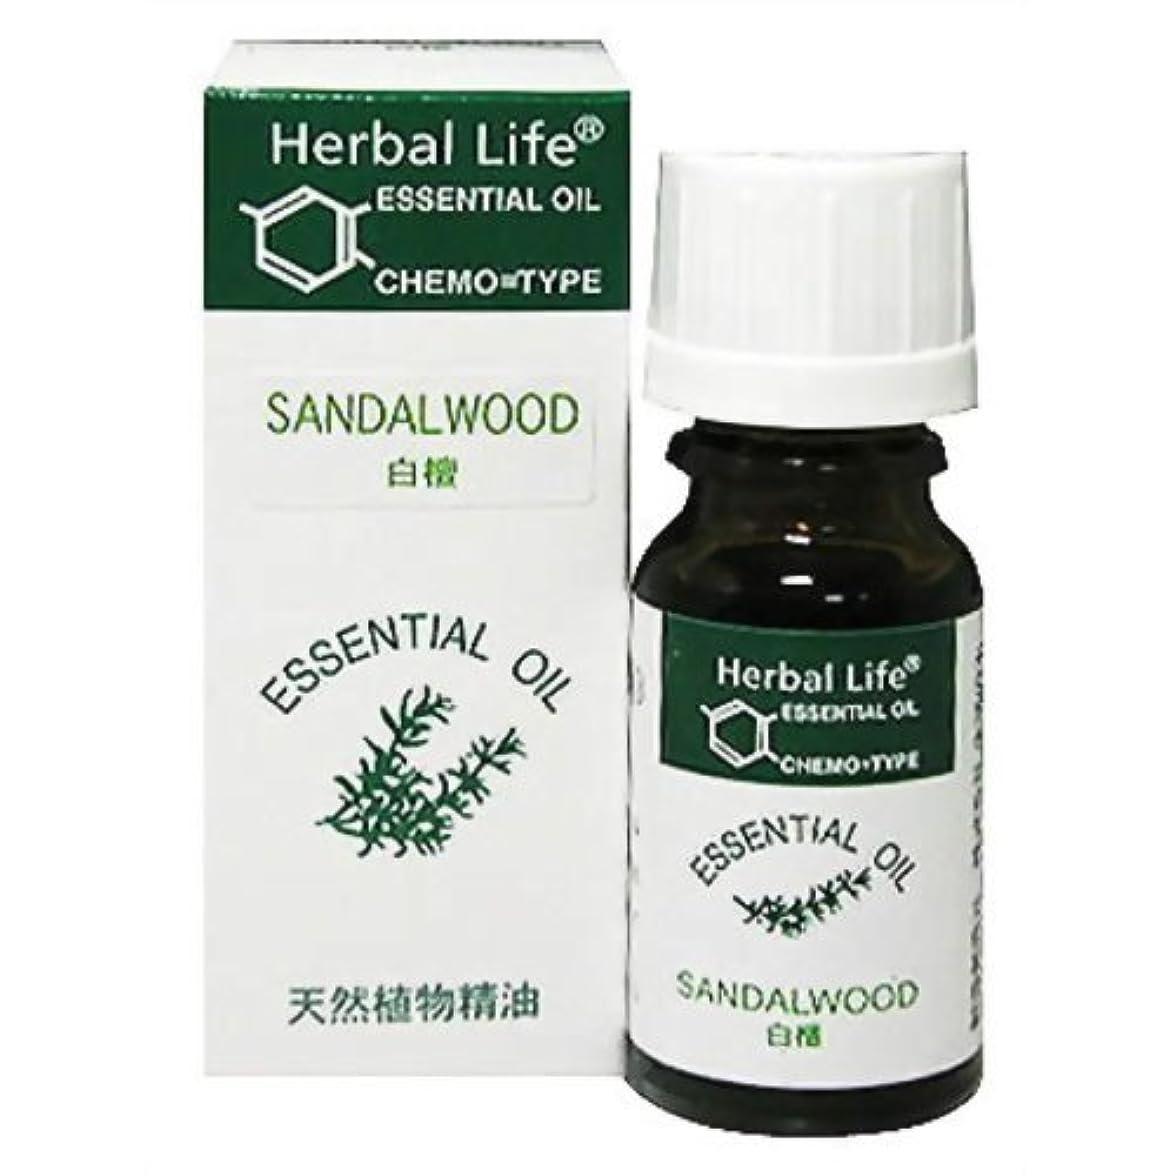 継続中サミュエル観点Herbal Life サンダルウッド 10ml